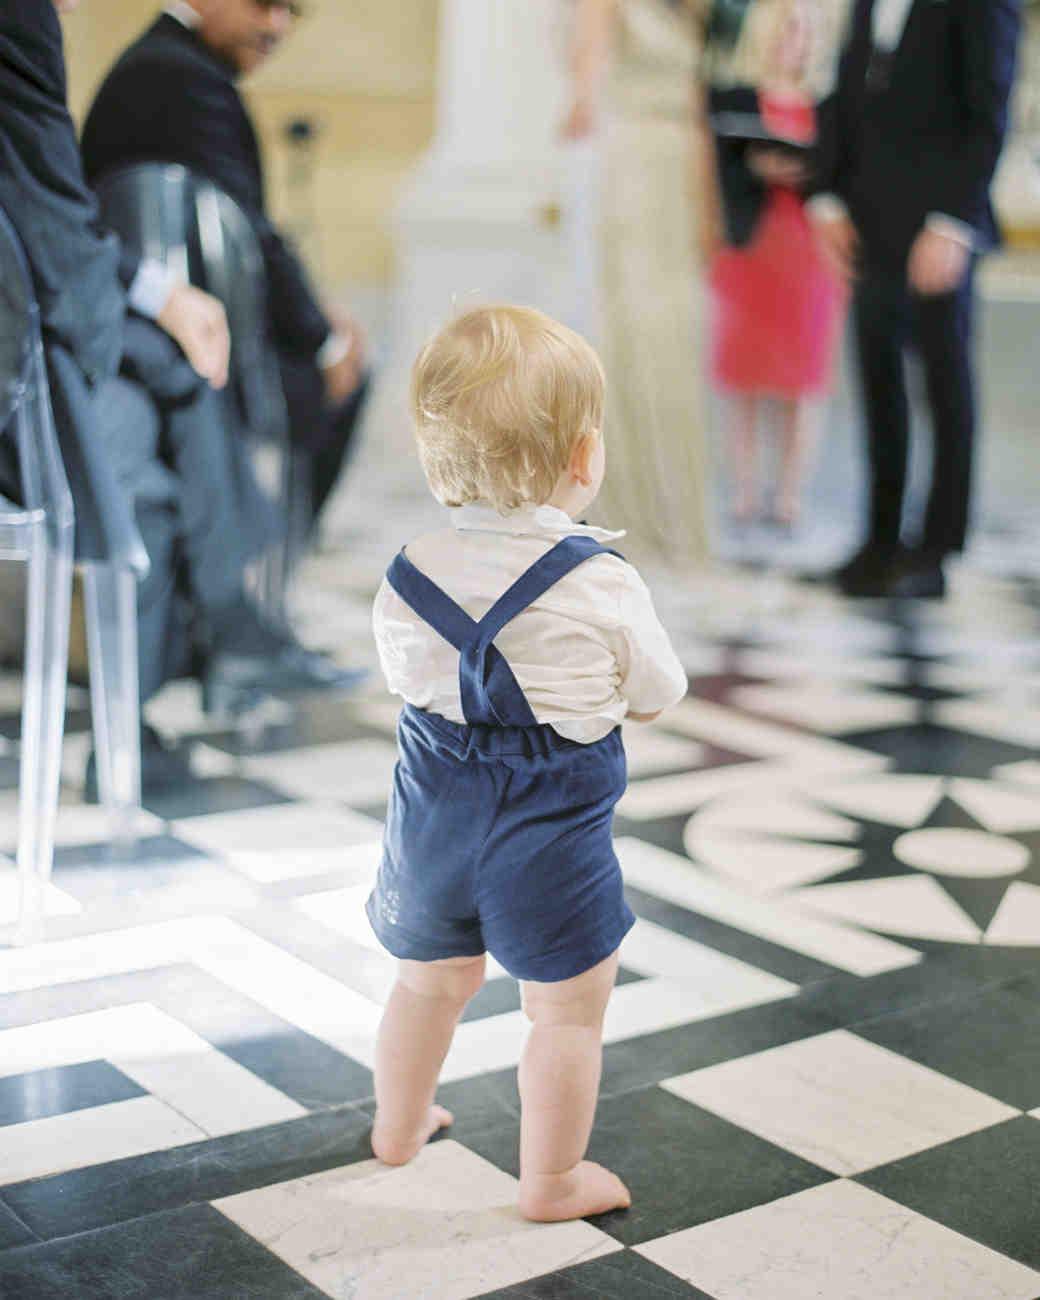 momina jack wedding ceremony little boy